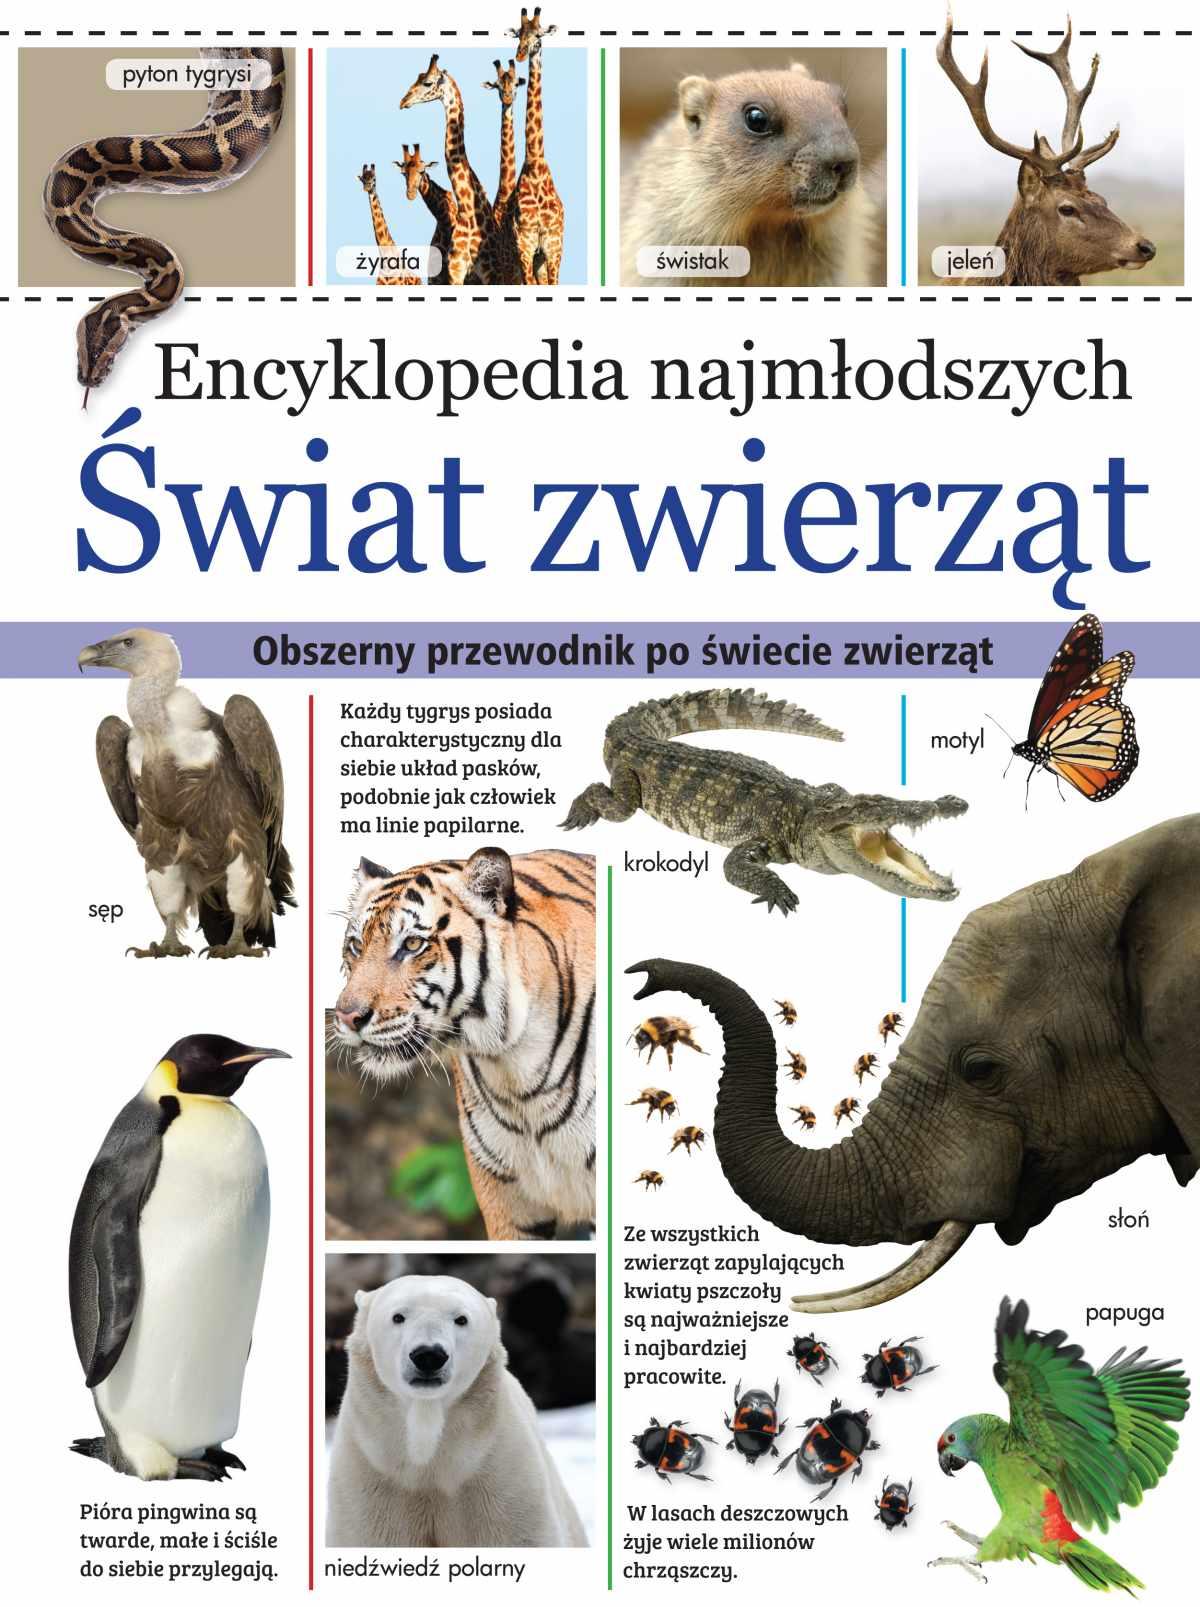 Encyklopedia najmłodszych. Świat zwierząt - Ebook (Książka PDF) do pobrania w formacie PDF